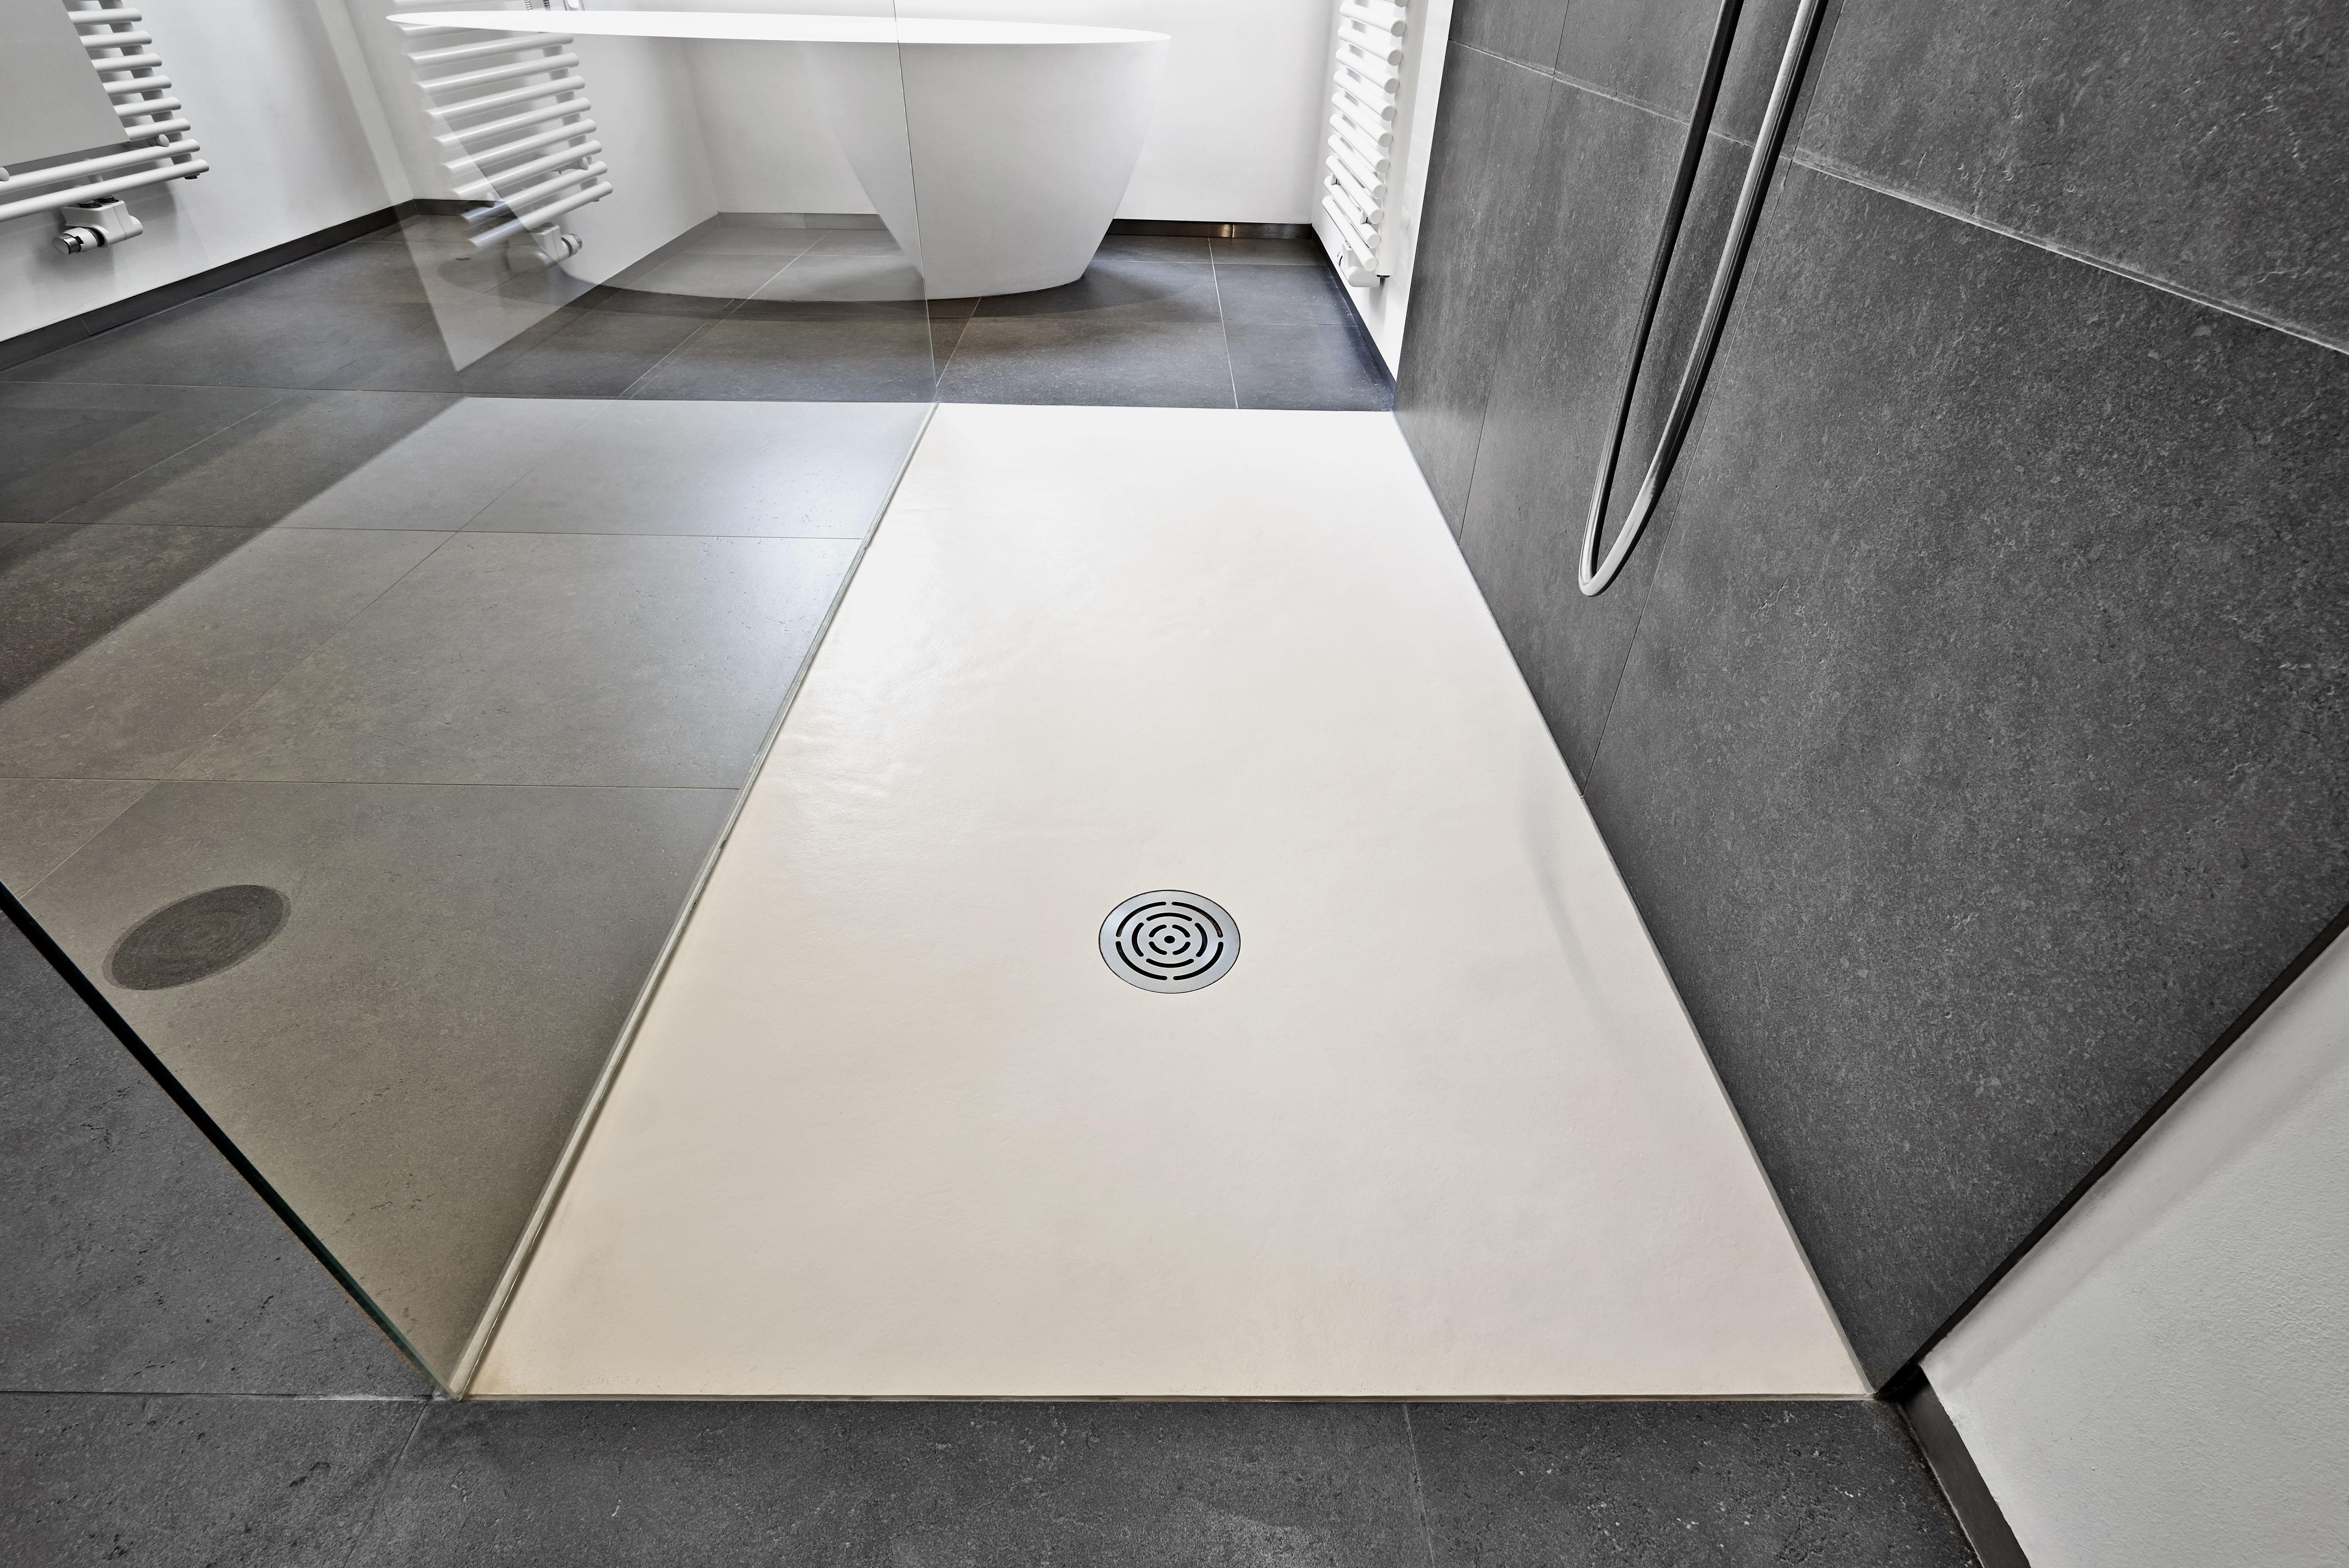 Cambios de bañera por plato de ducha: Servicios de Reparaciones y Fontanería del Hogar Ordóñez